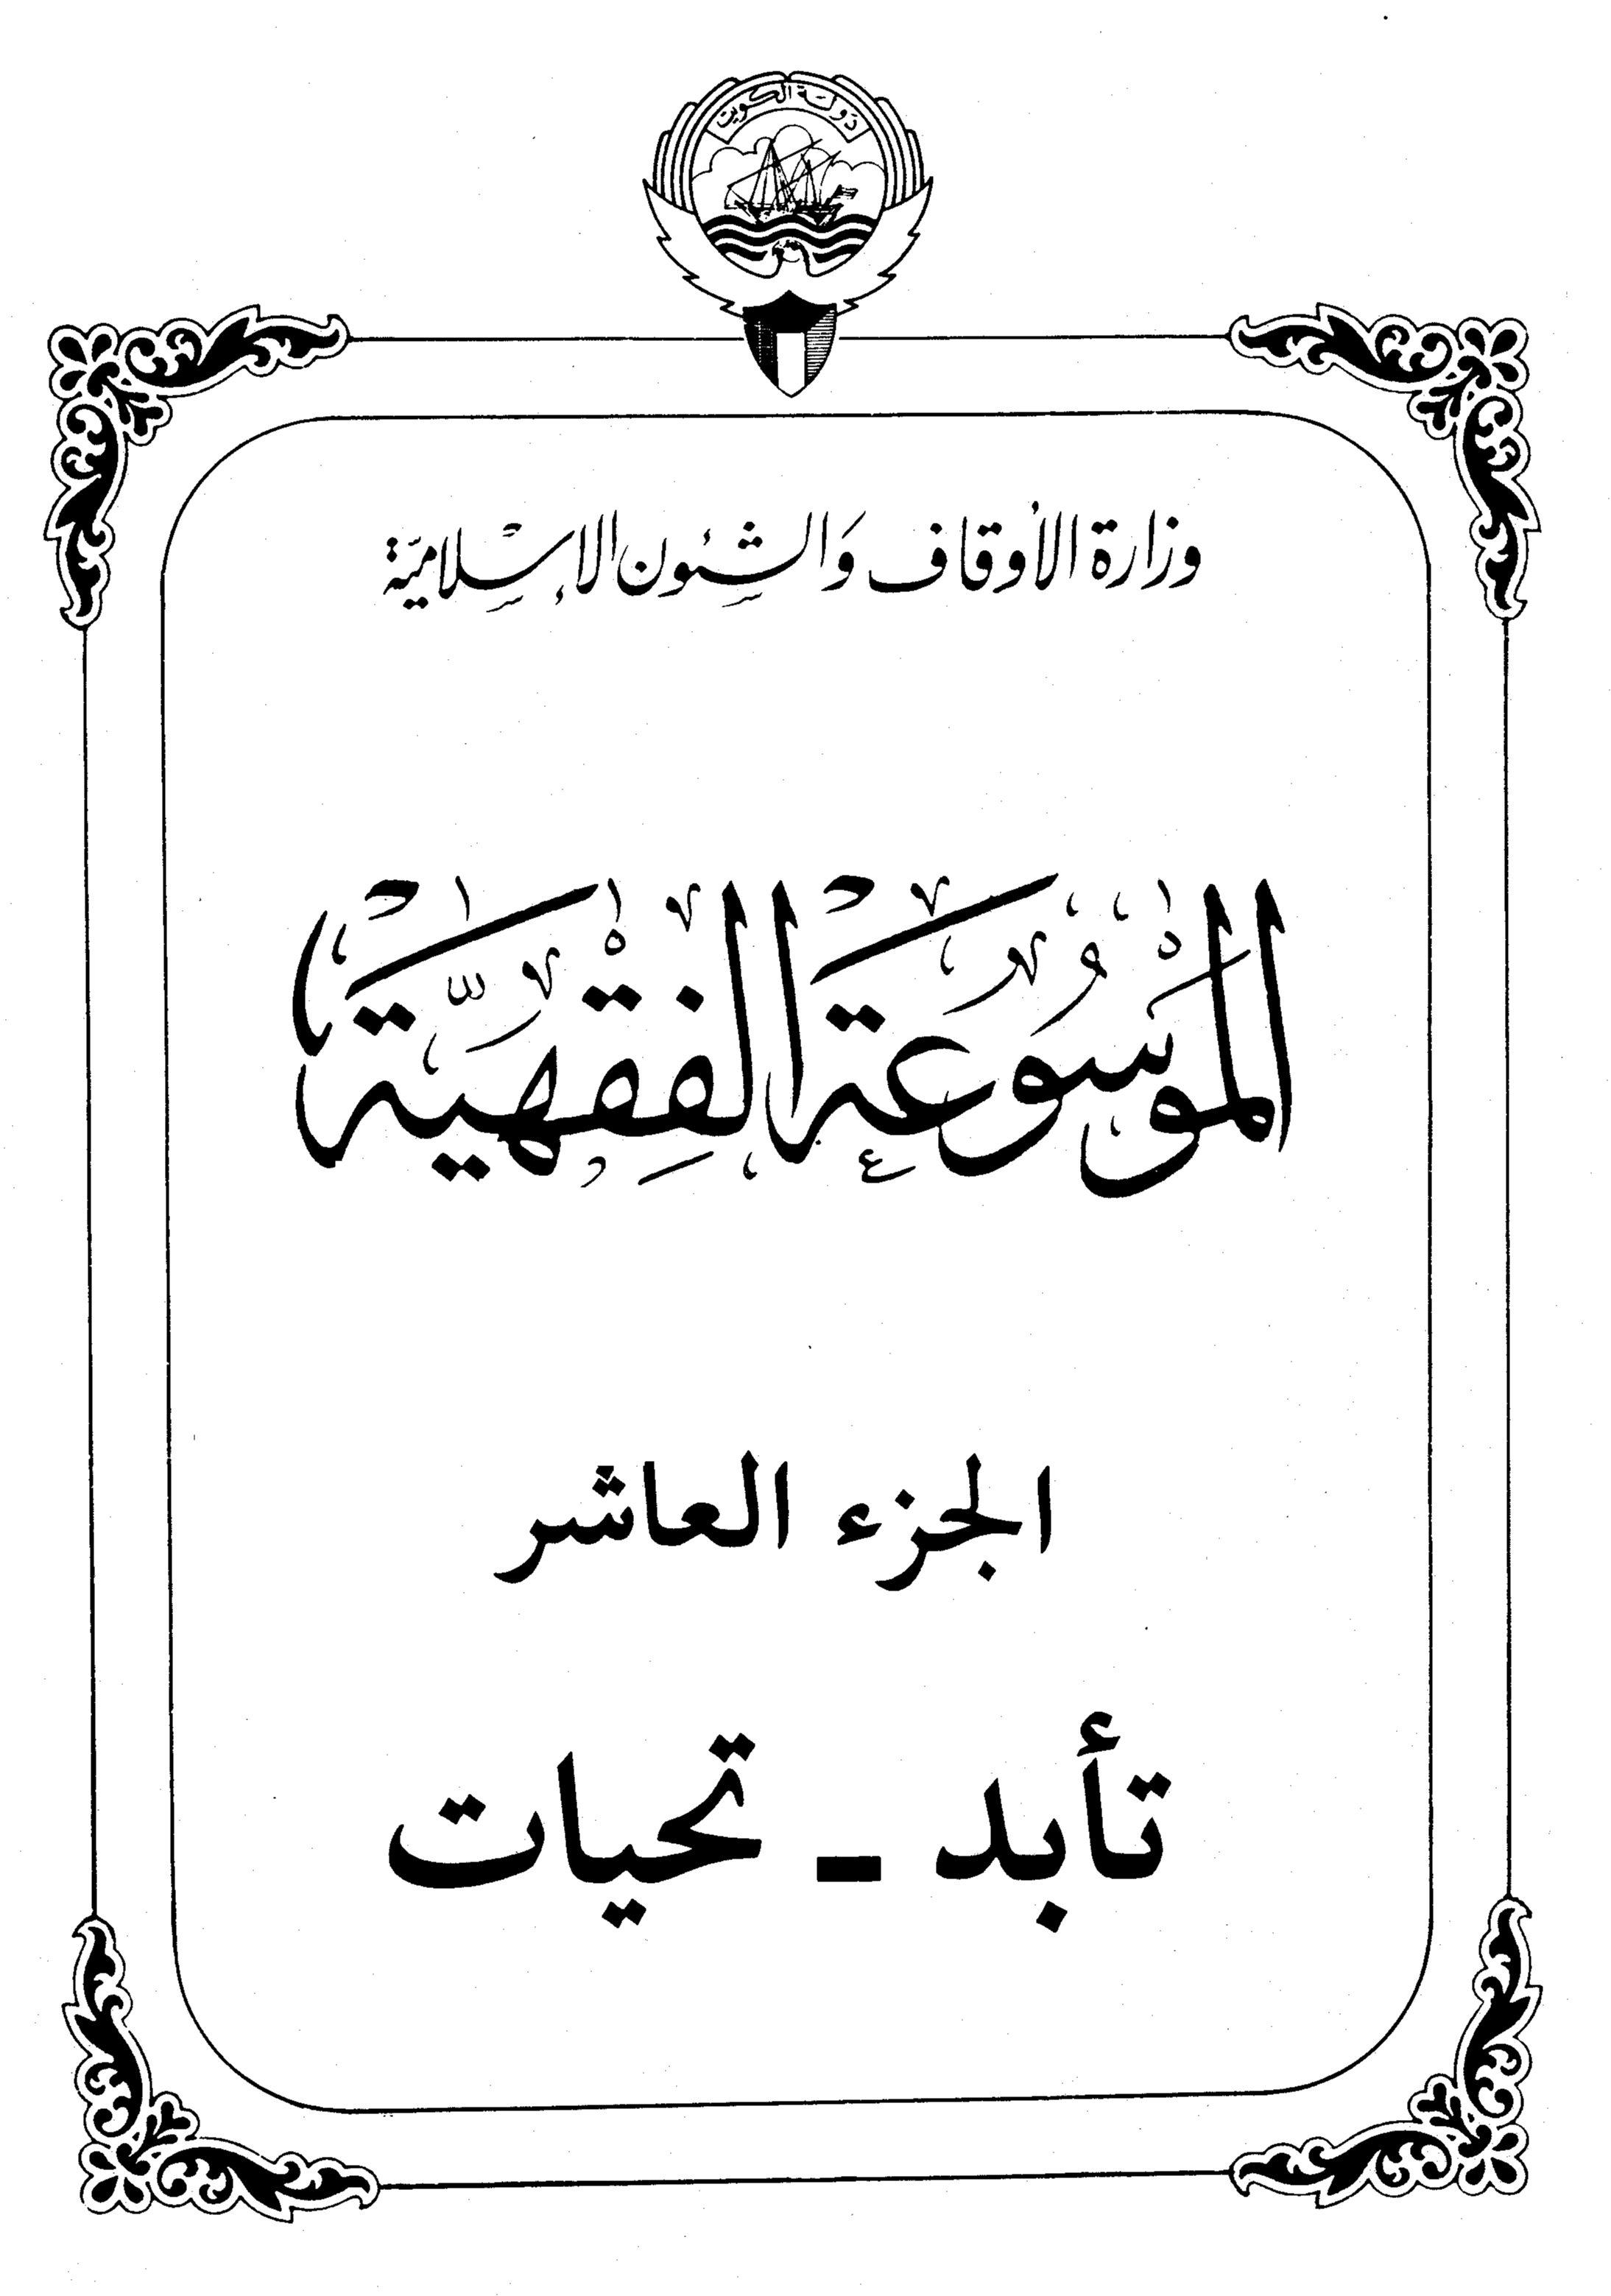 الموسوعة الفقهية الكويتية الجزء العاشر (تابد - تحيات)